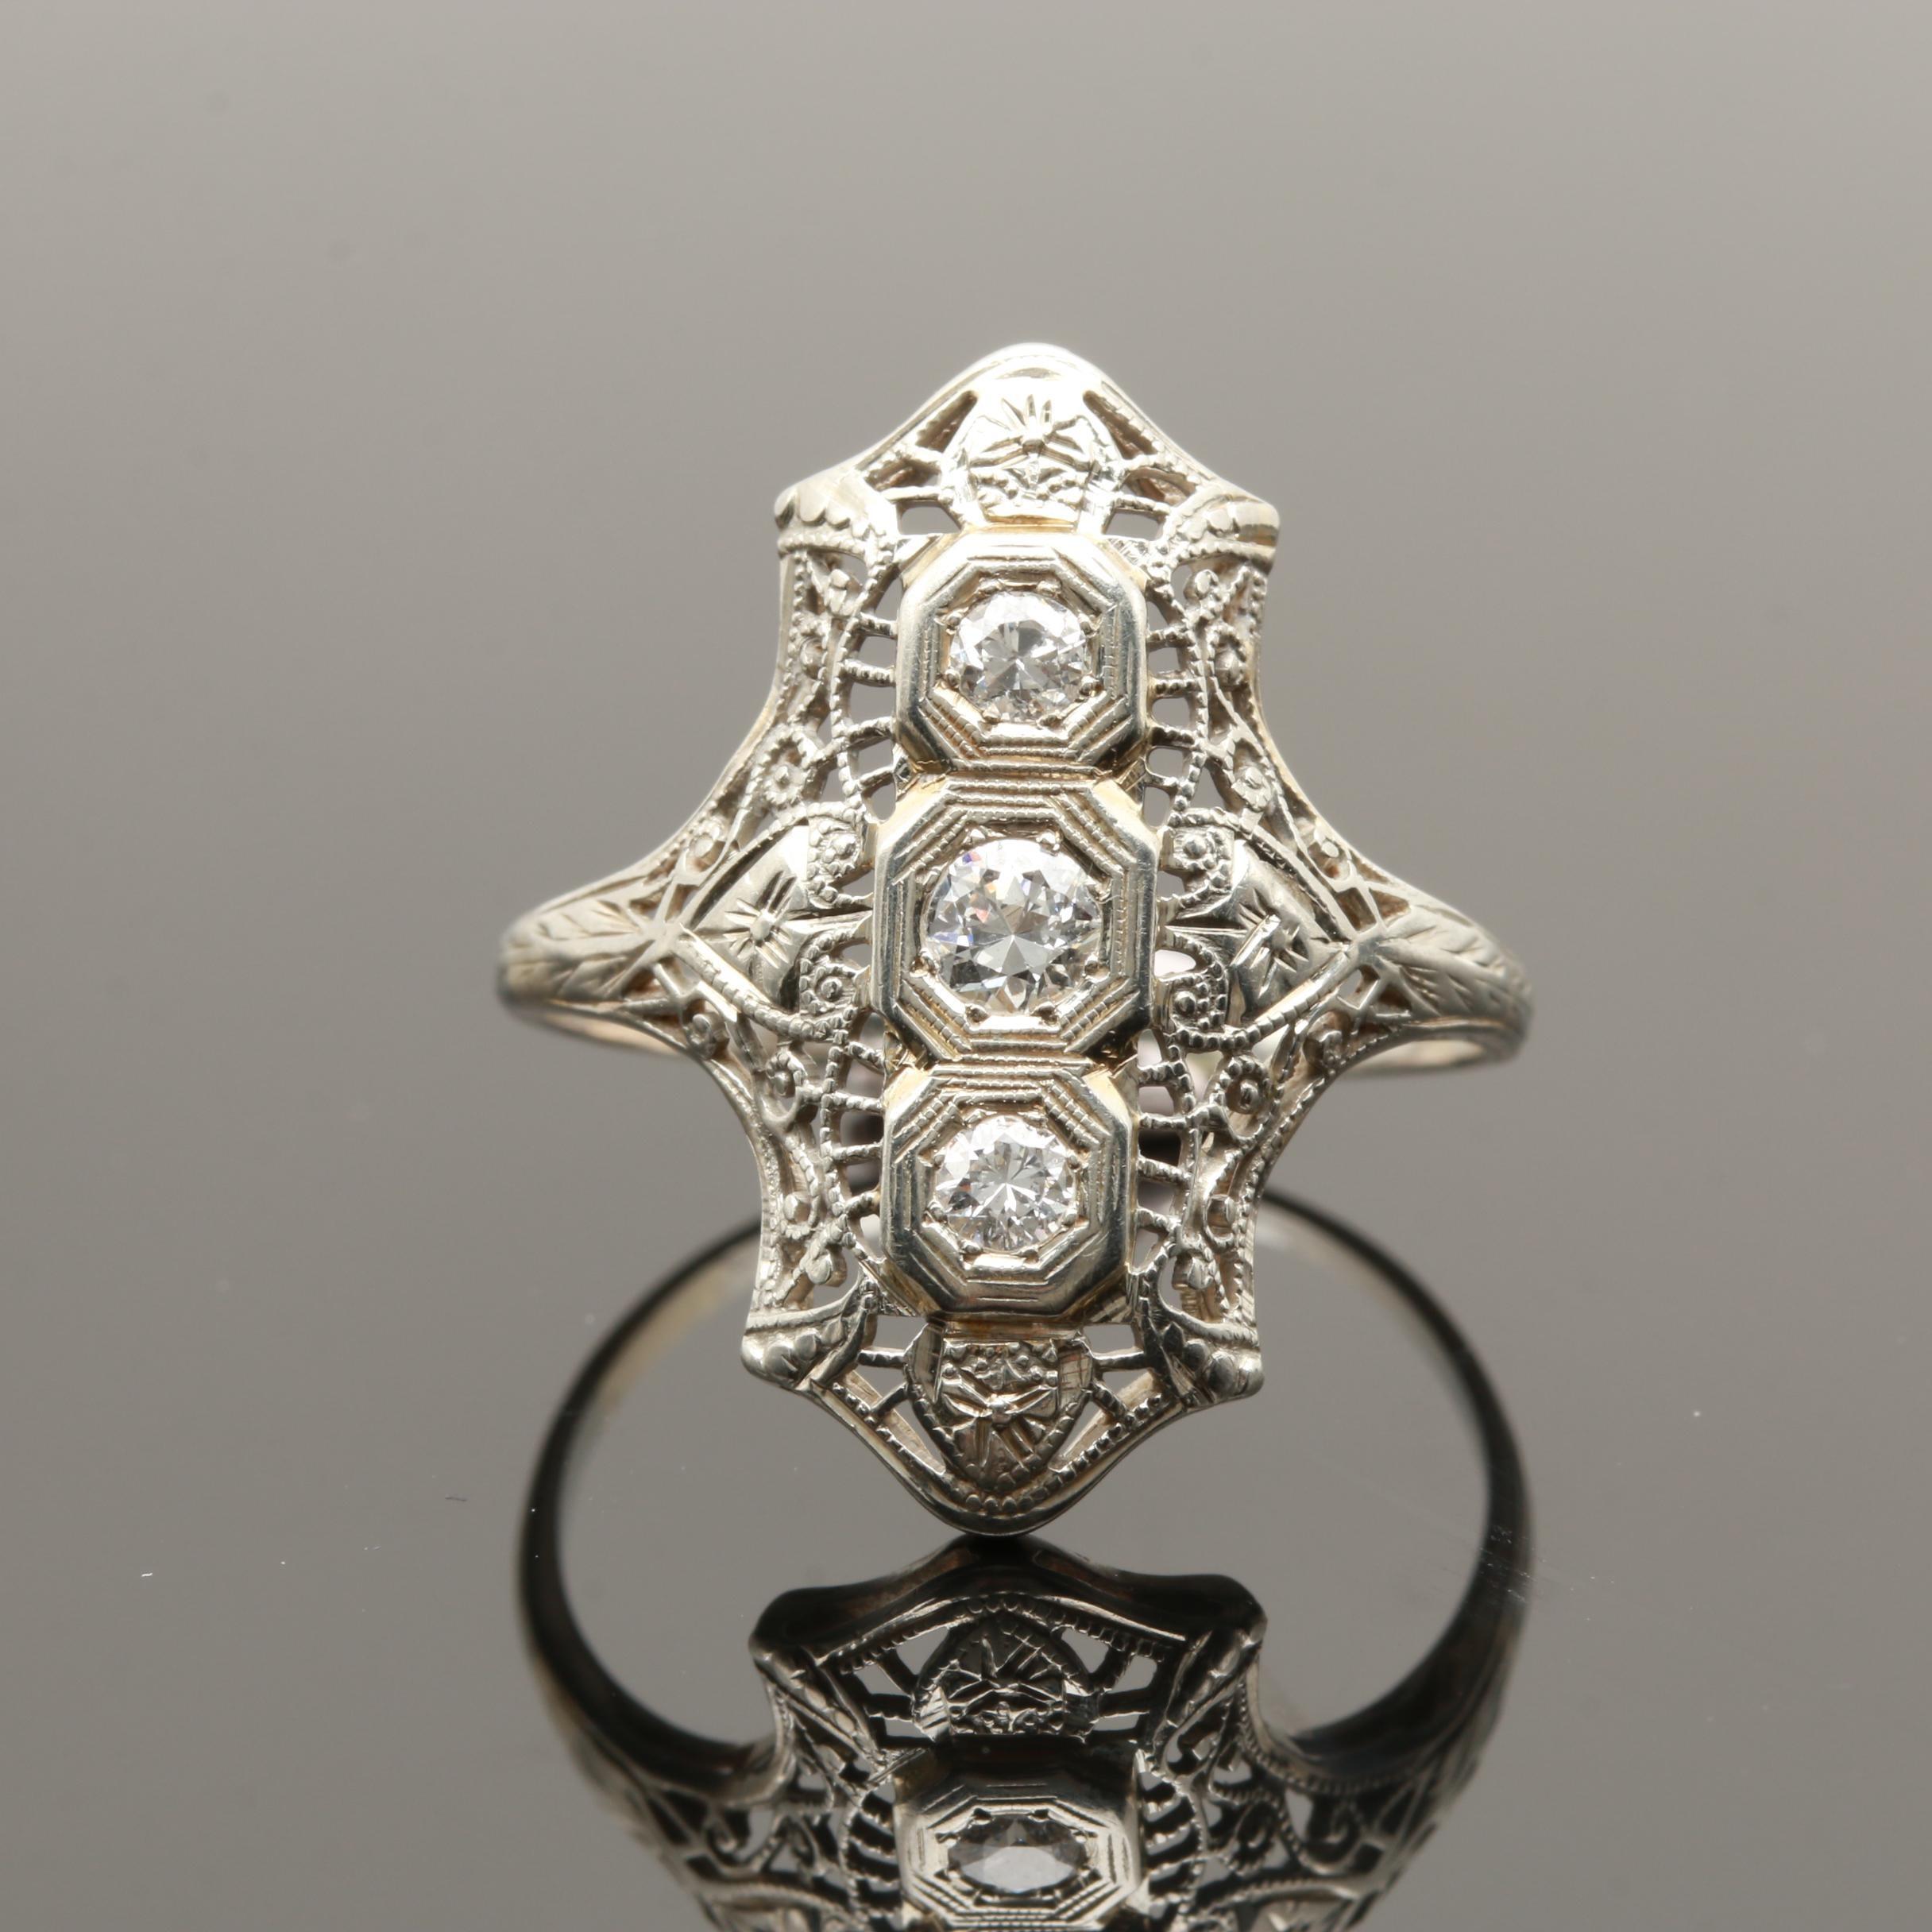 Edwardian 18K White Gold Diamond Dinner Ring